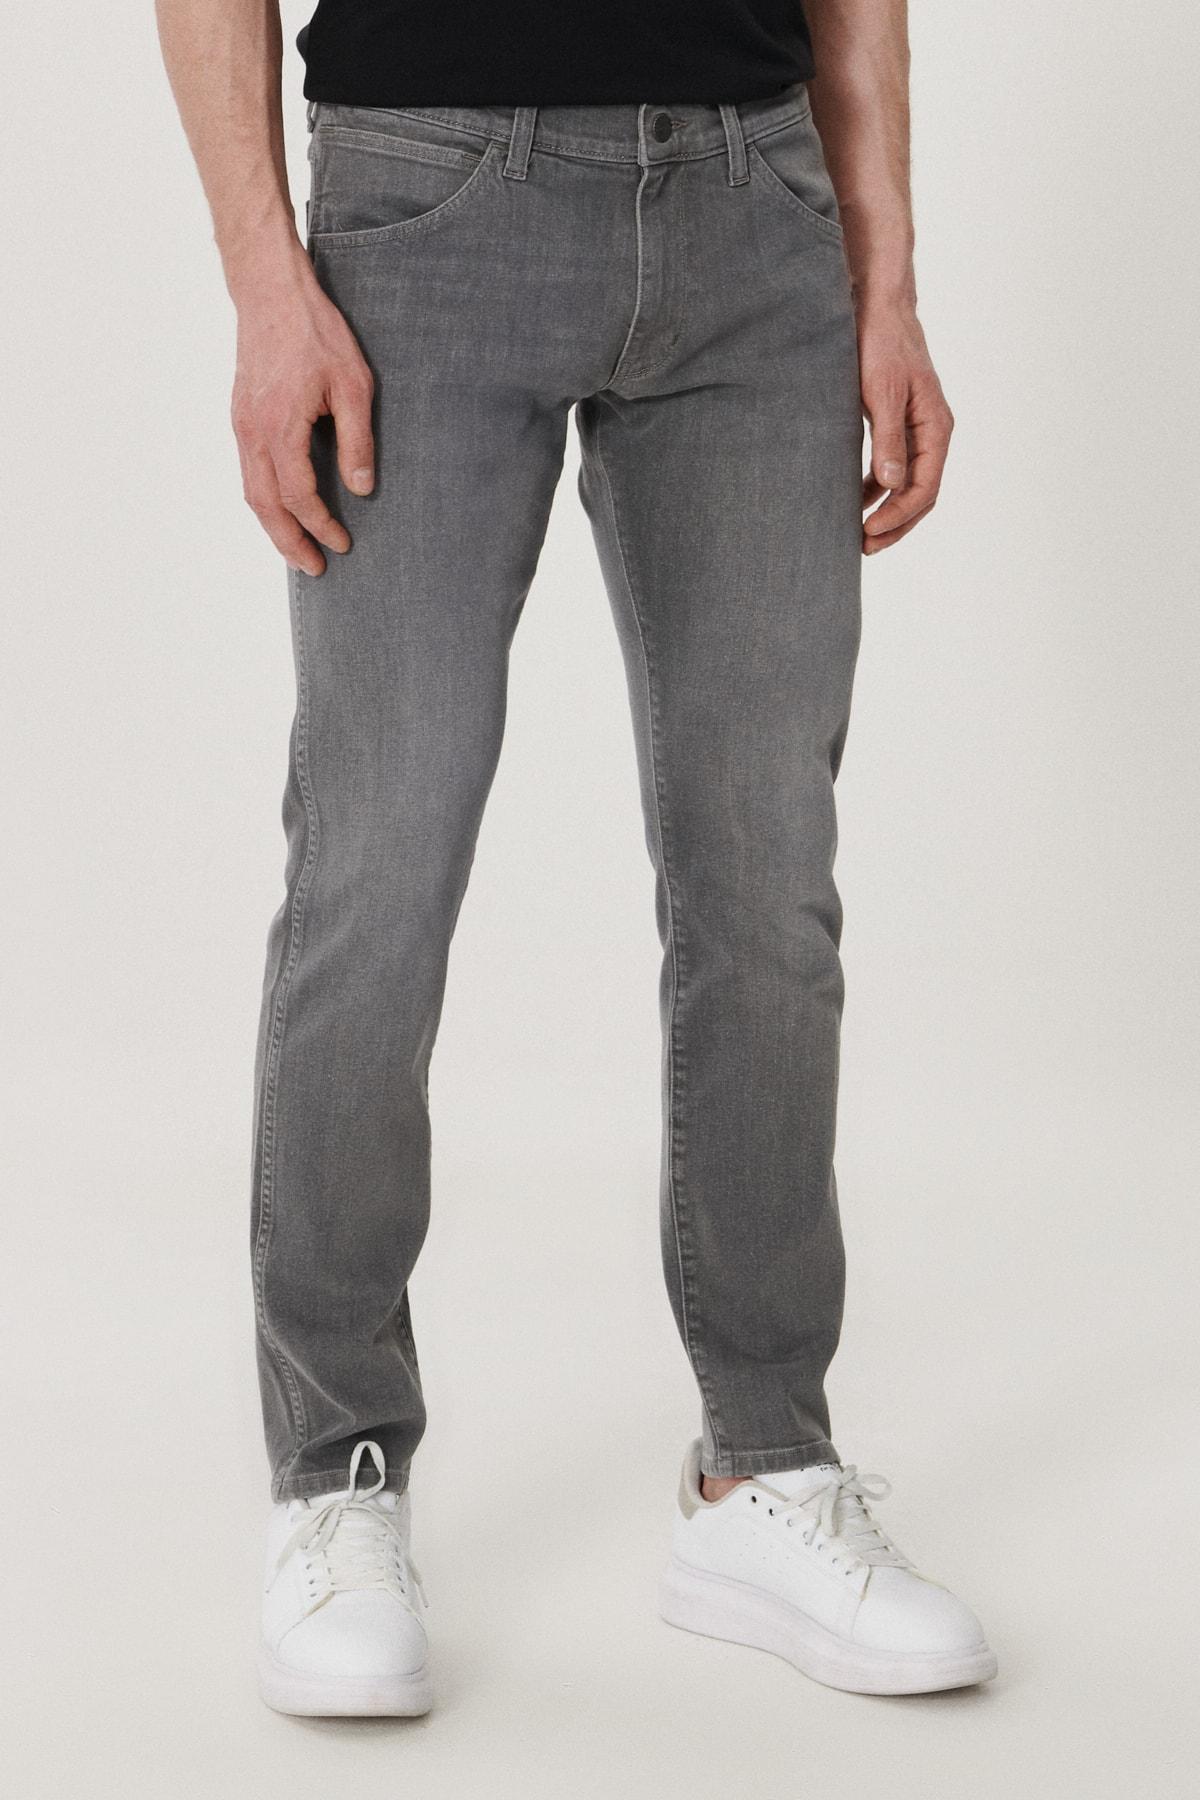 Bryson Erkek Açık Gri Skinny Normal Bel Çok Dar Paça Esnek Jean Pantolon